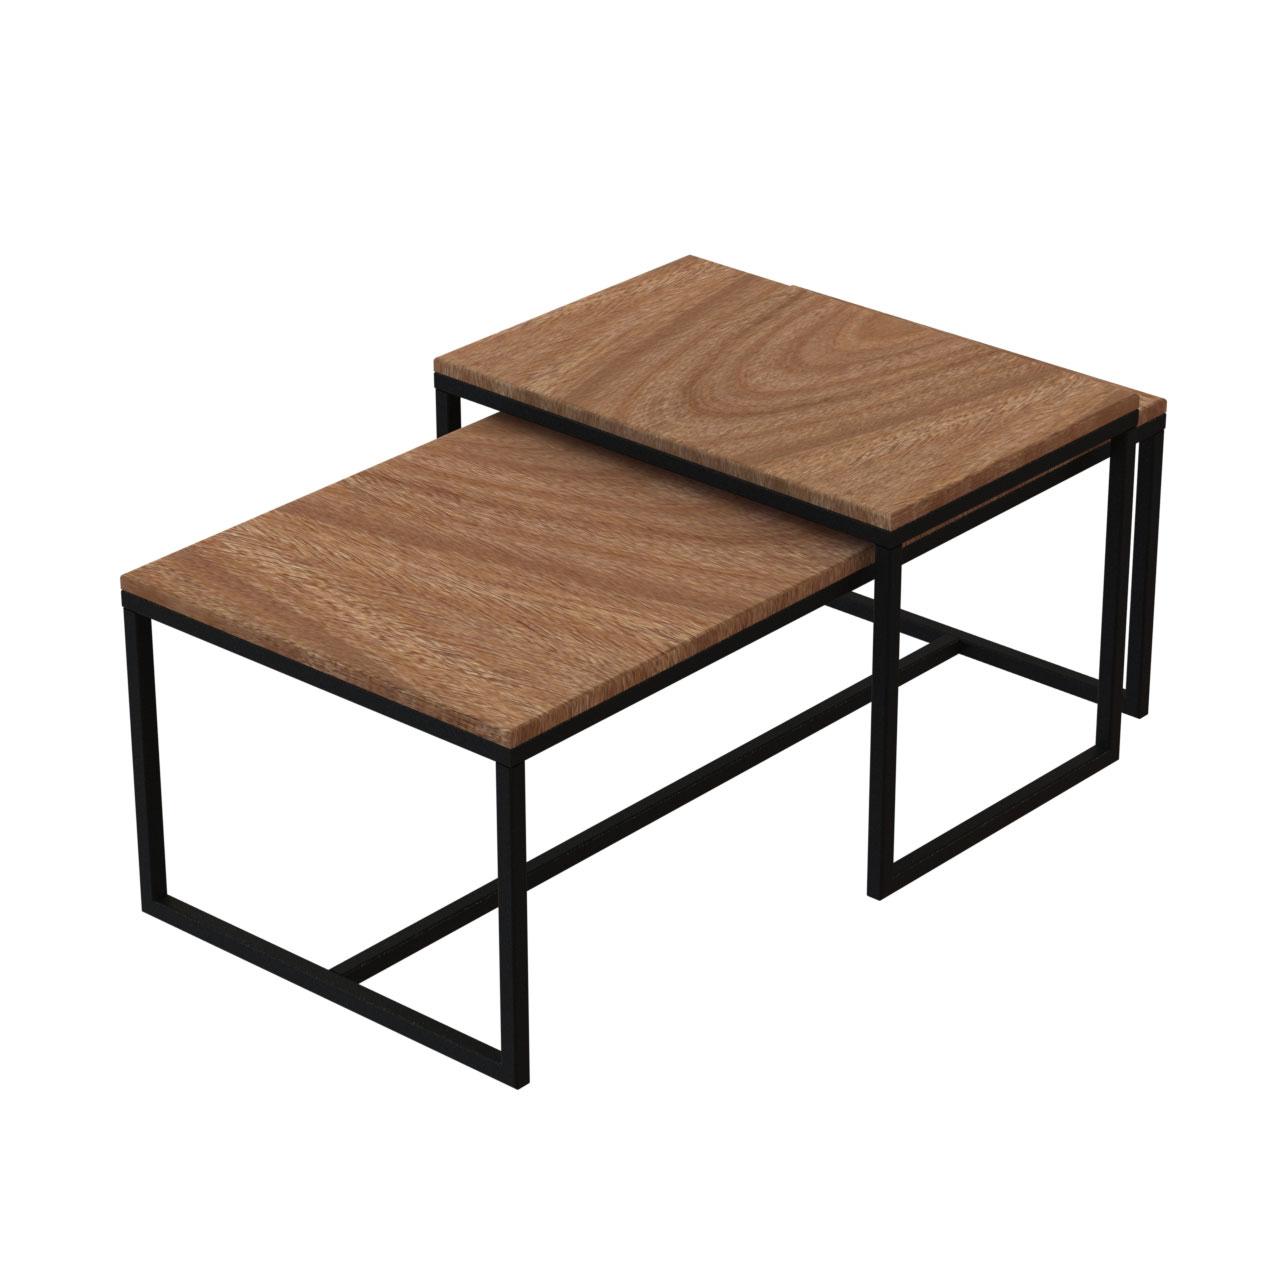 قیمت                      میز جلو مبلی کد 19276 مجموعه 2 عددی